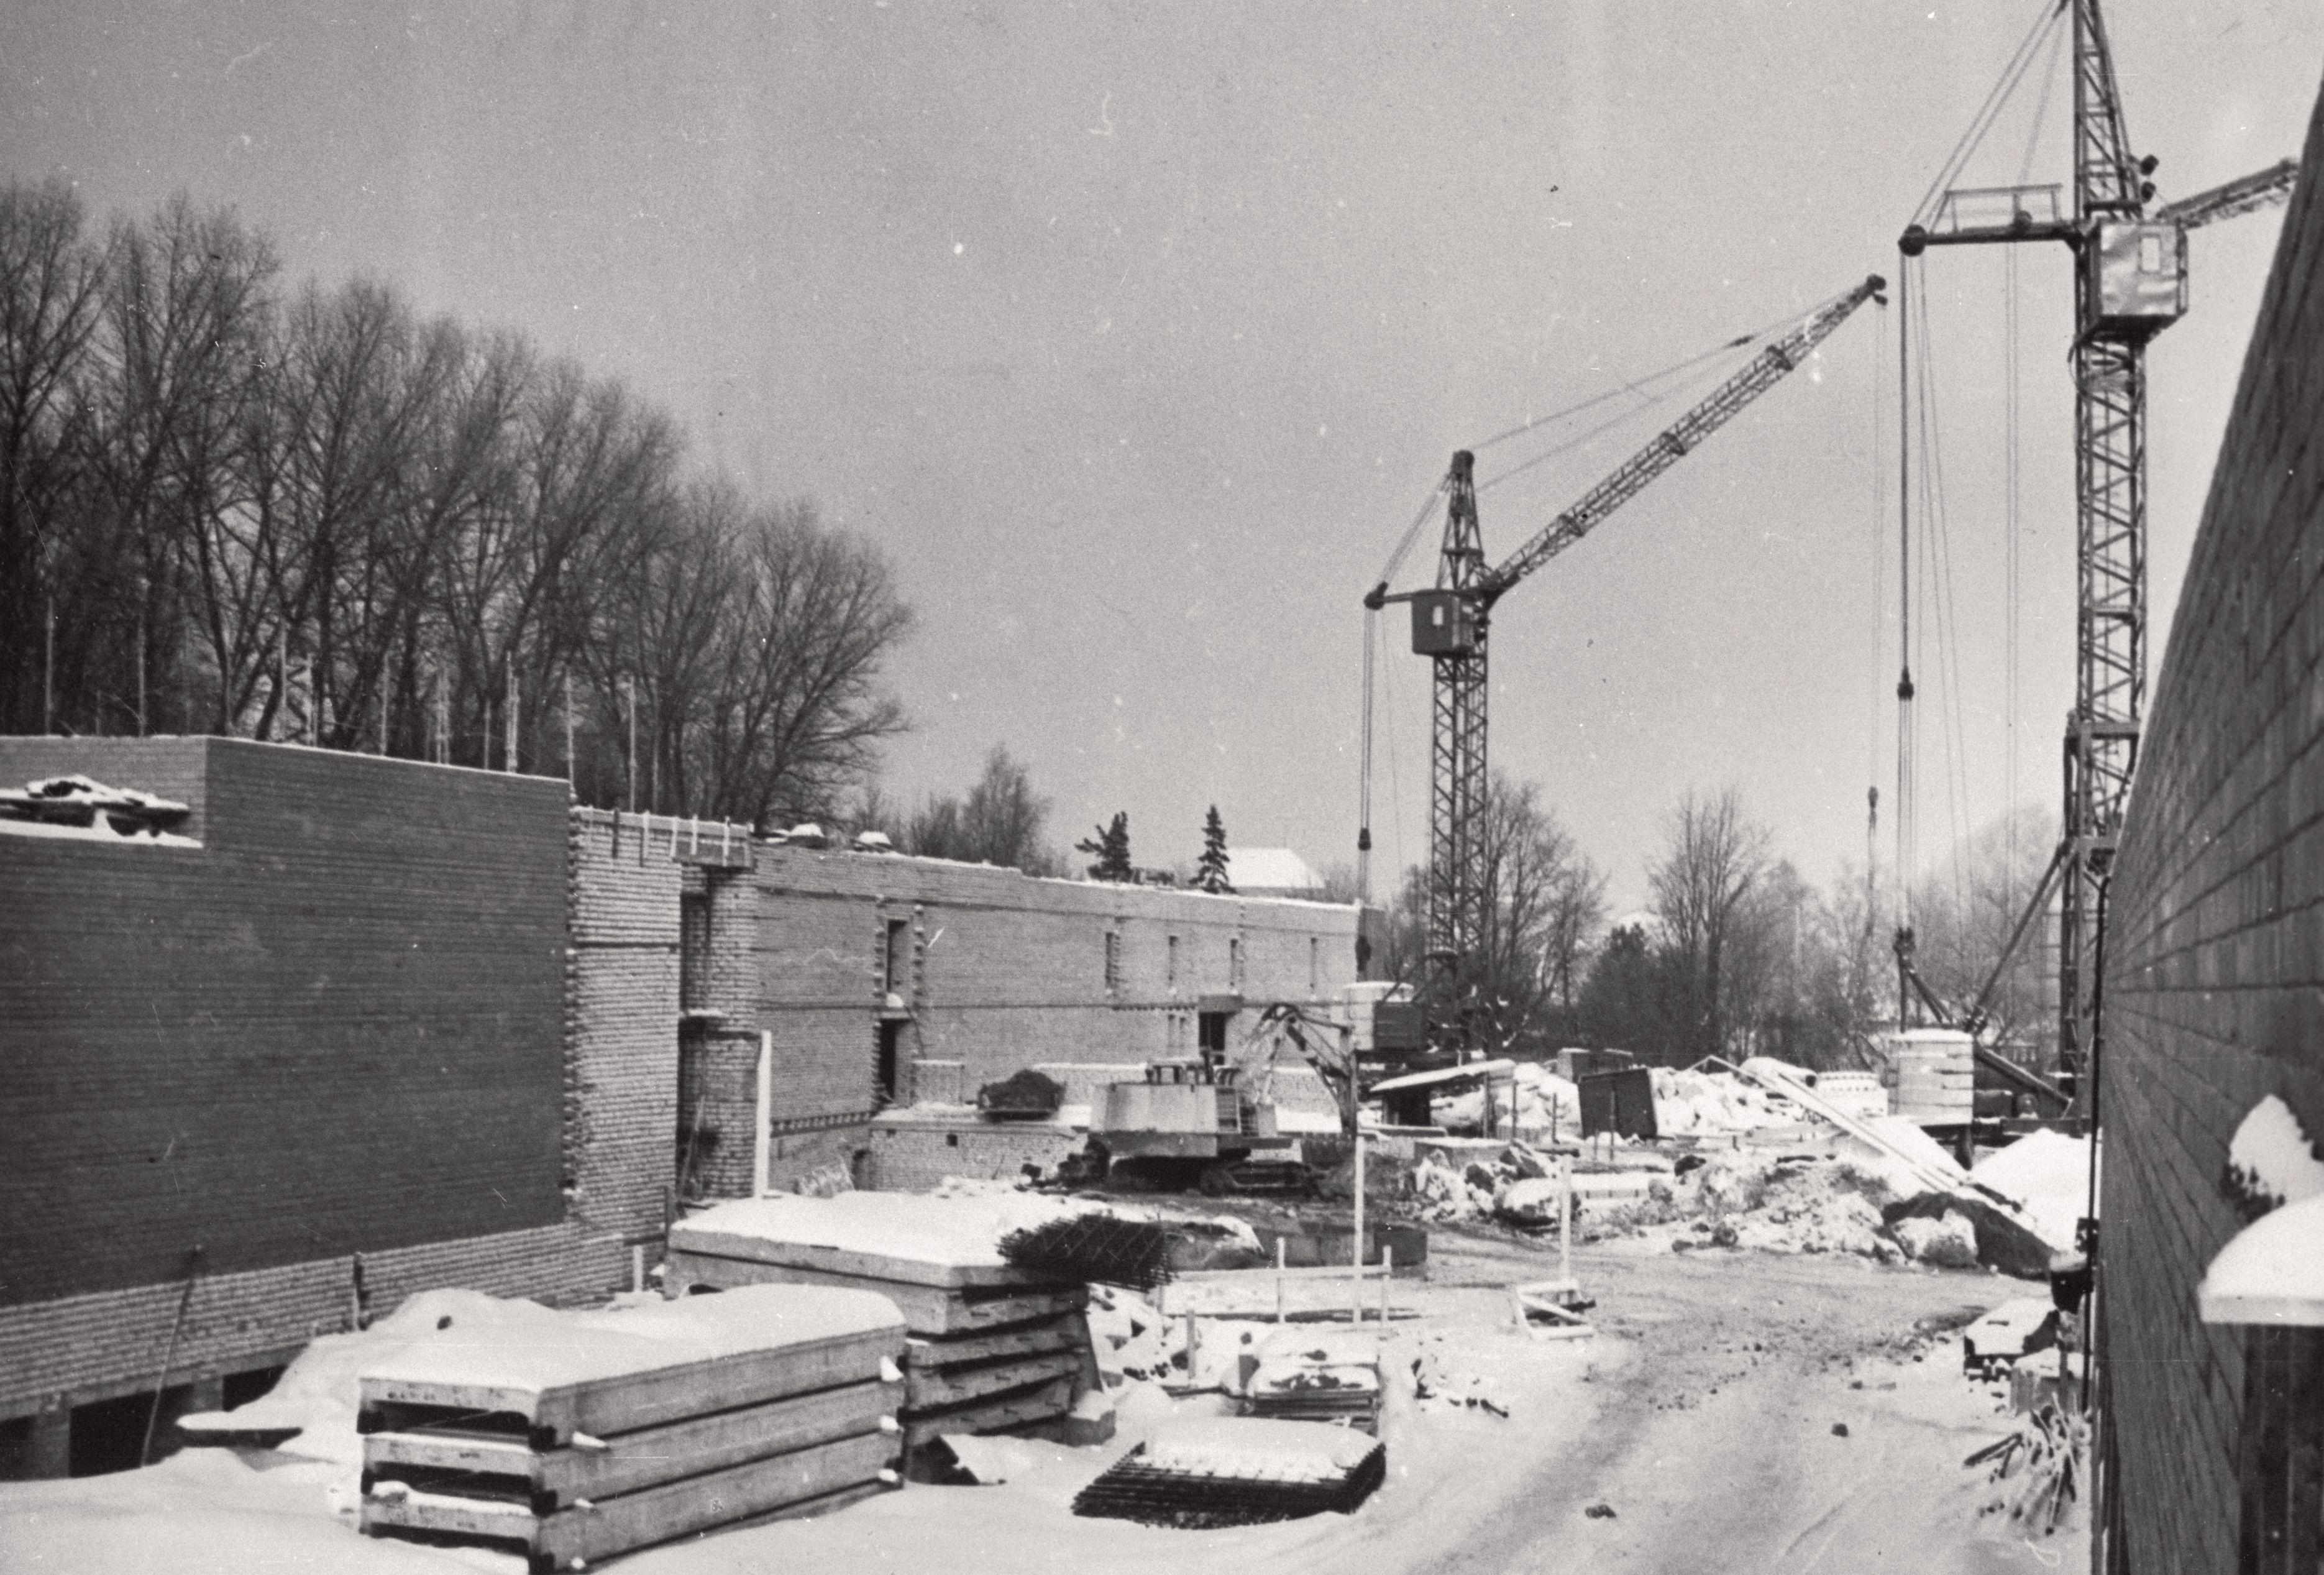 Teatrimaja ehitusplats, 1977. EFA.339.0-100660. 35mm negatiivfilm